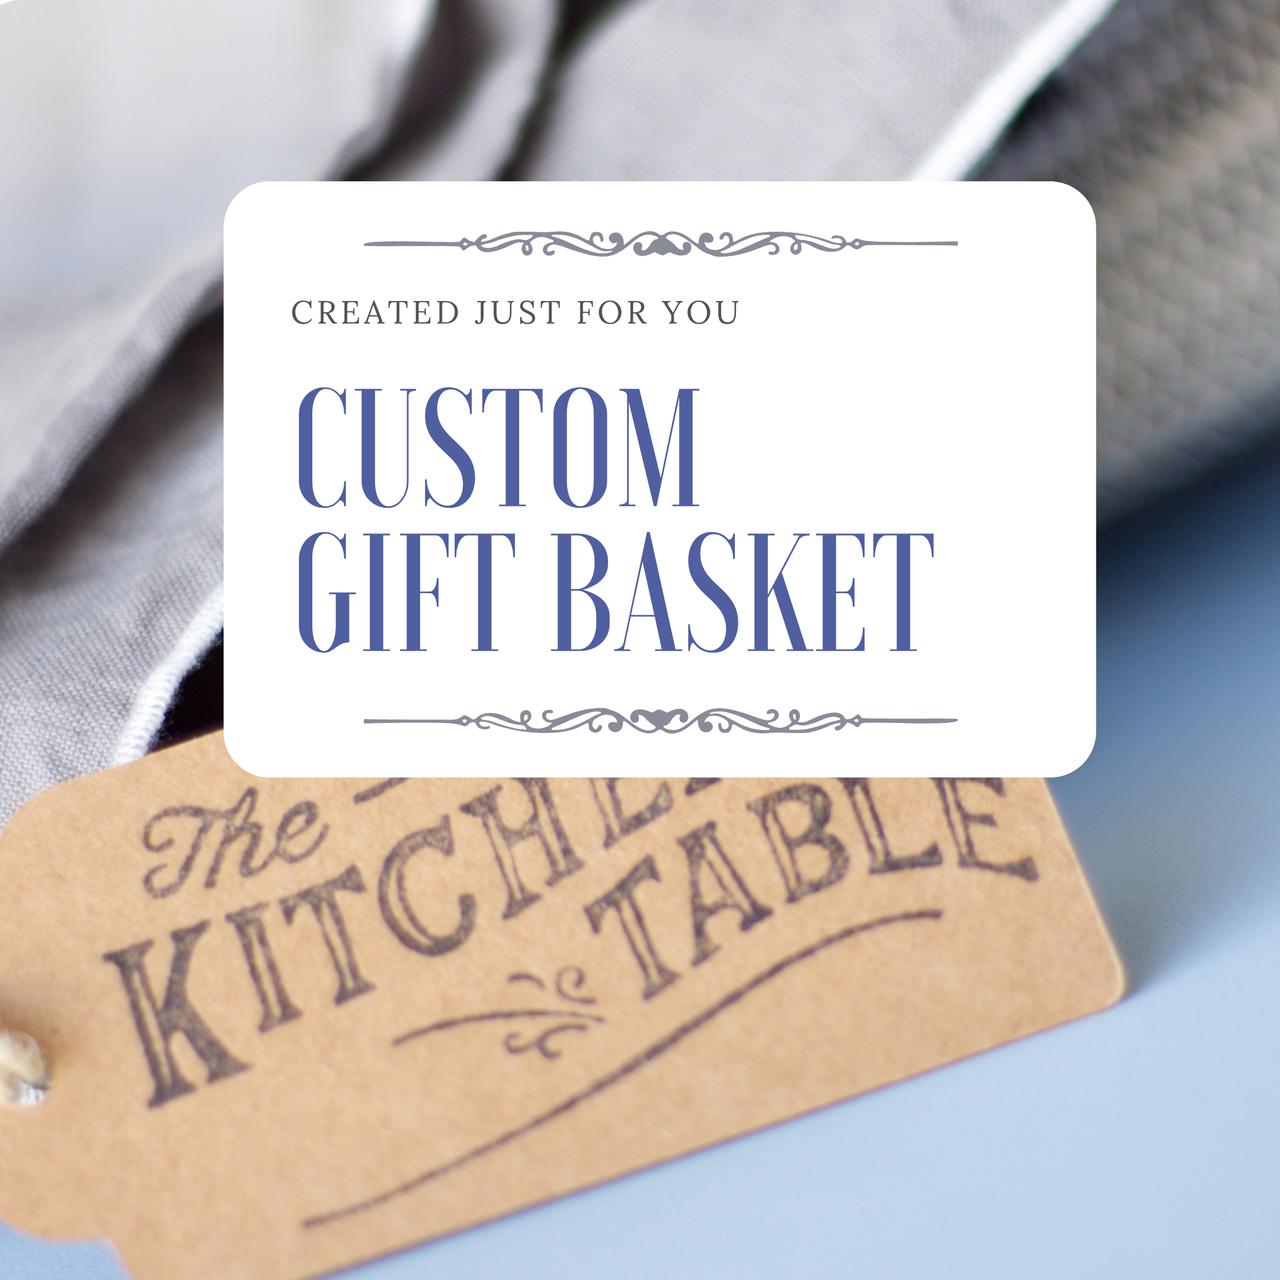 Custom Gift Basket, $50